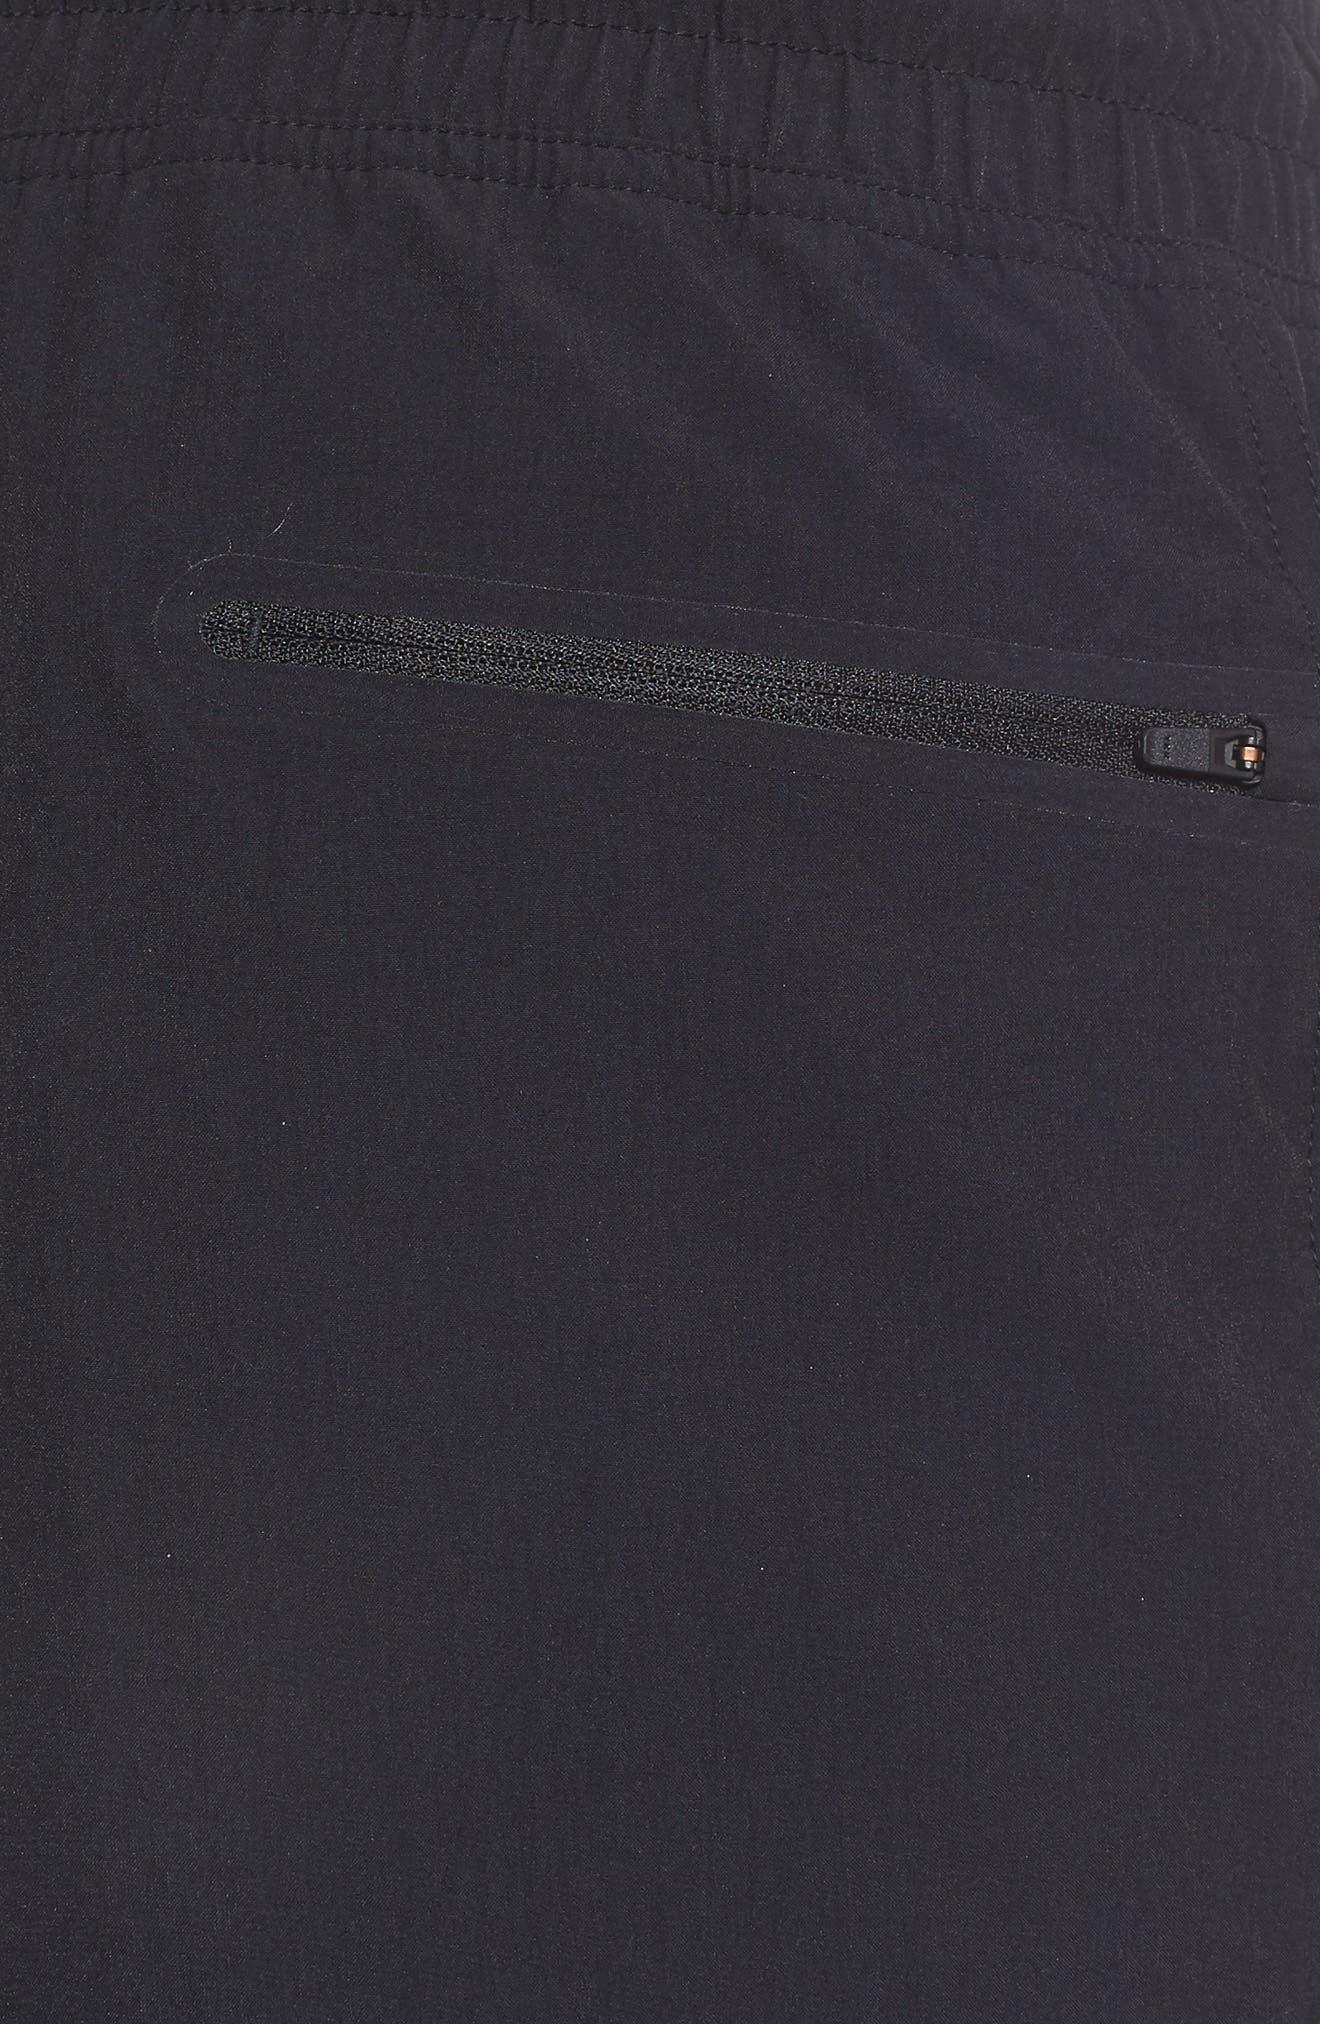 NSW Franchise GX1 Shorts,                             Alternate thumbnail 5, color,                             Black/ Black